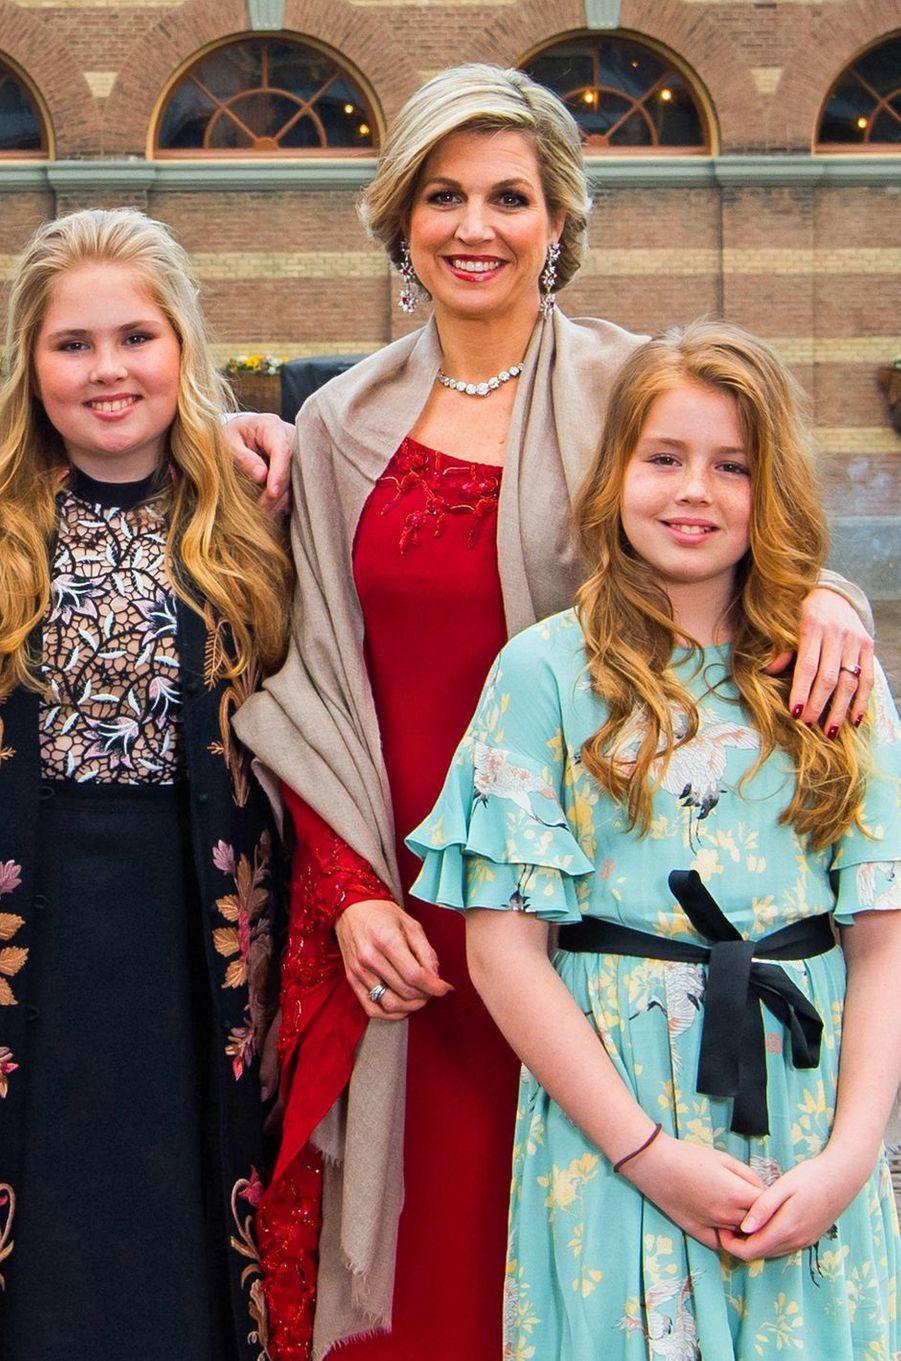 La reine Maxima des Pays-Bas et ses filles les princesses Catharina-Amalia et Alexia à La Haye, le 29 avril 2017